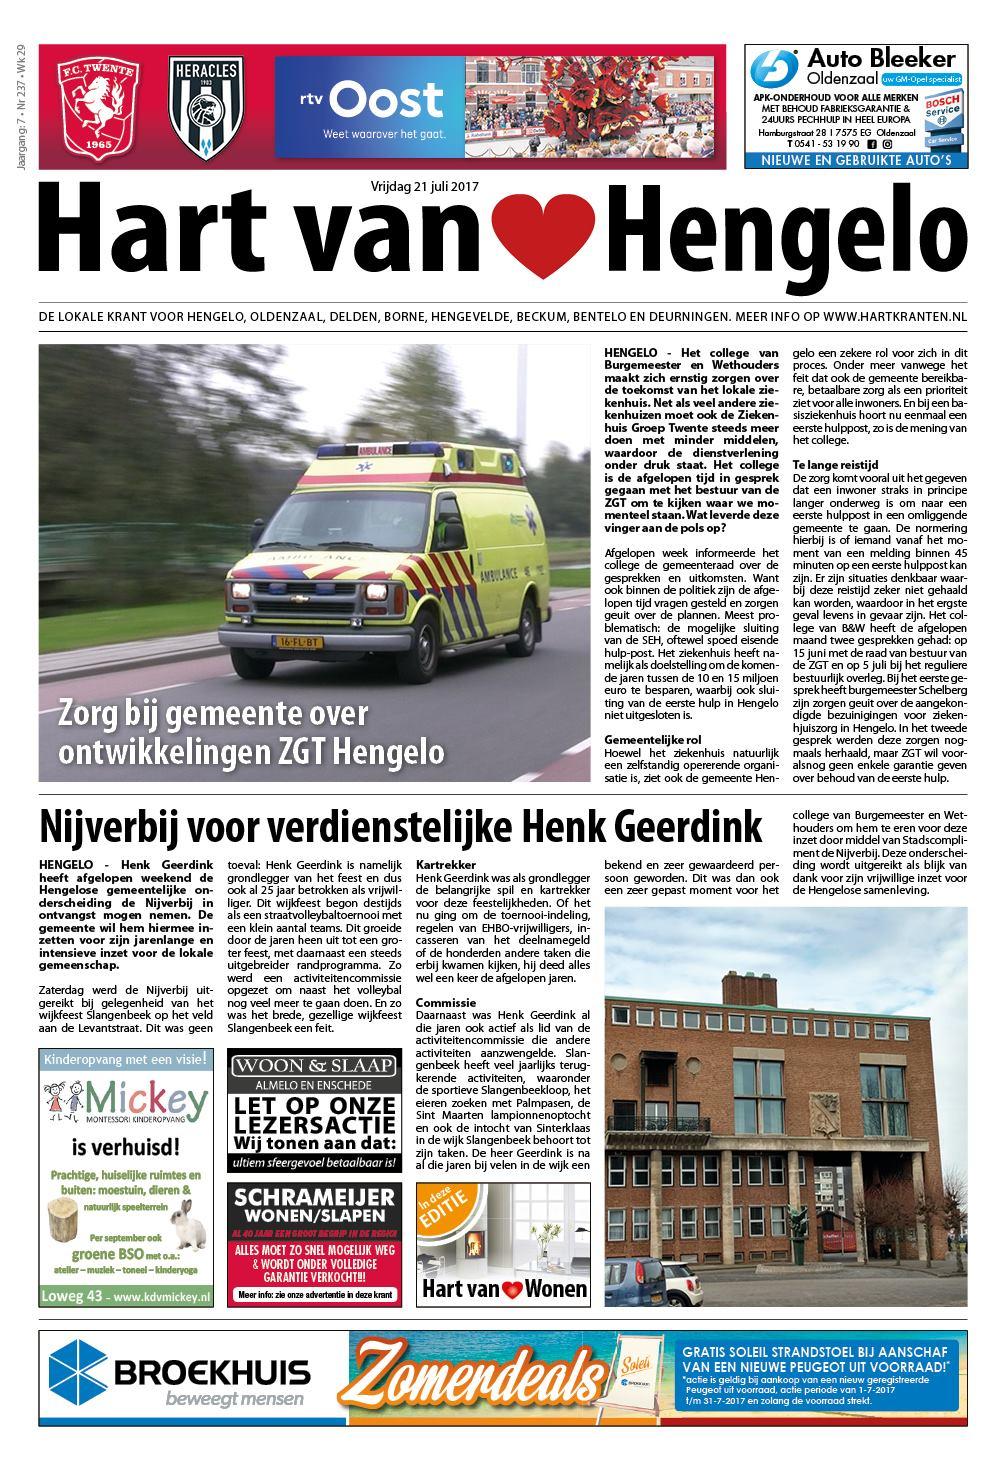 8f2521b3639 Hart van Hengelo - Hof van Twente 21 juli 2017